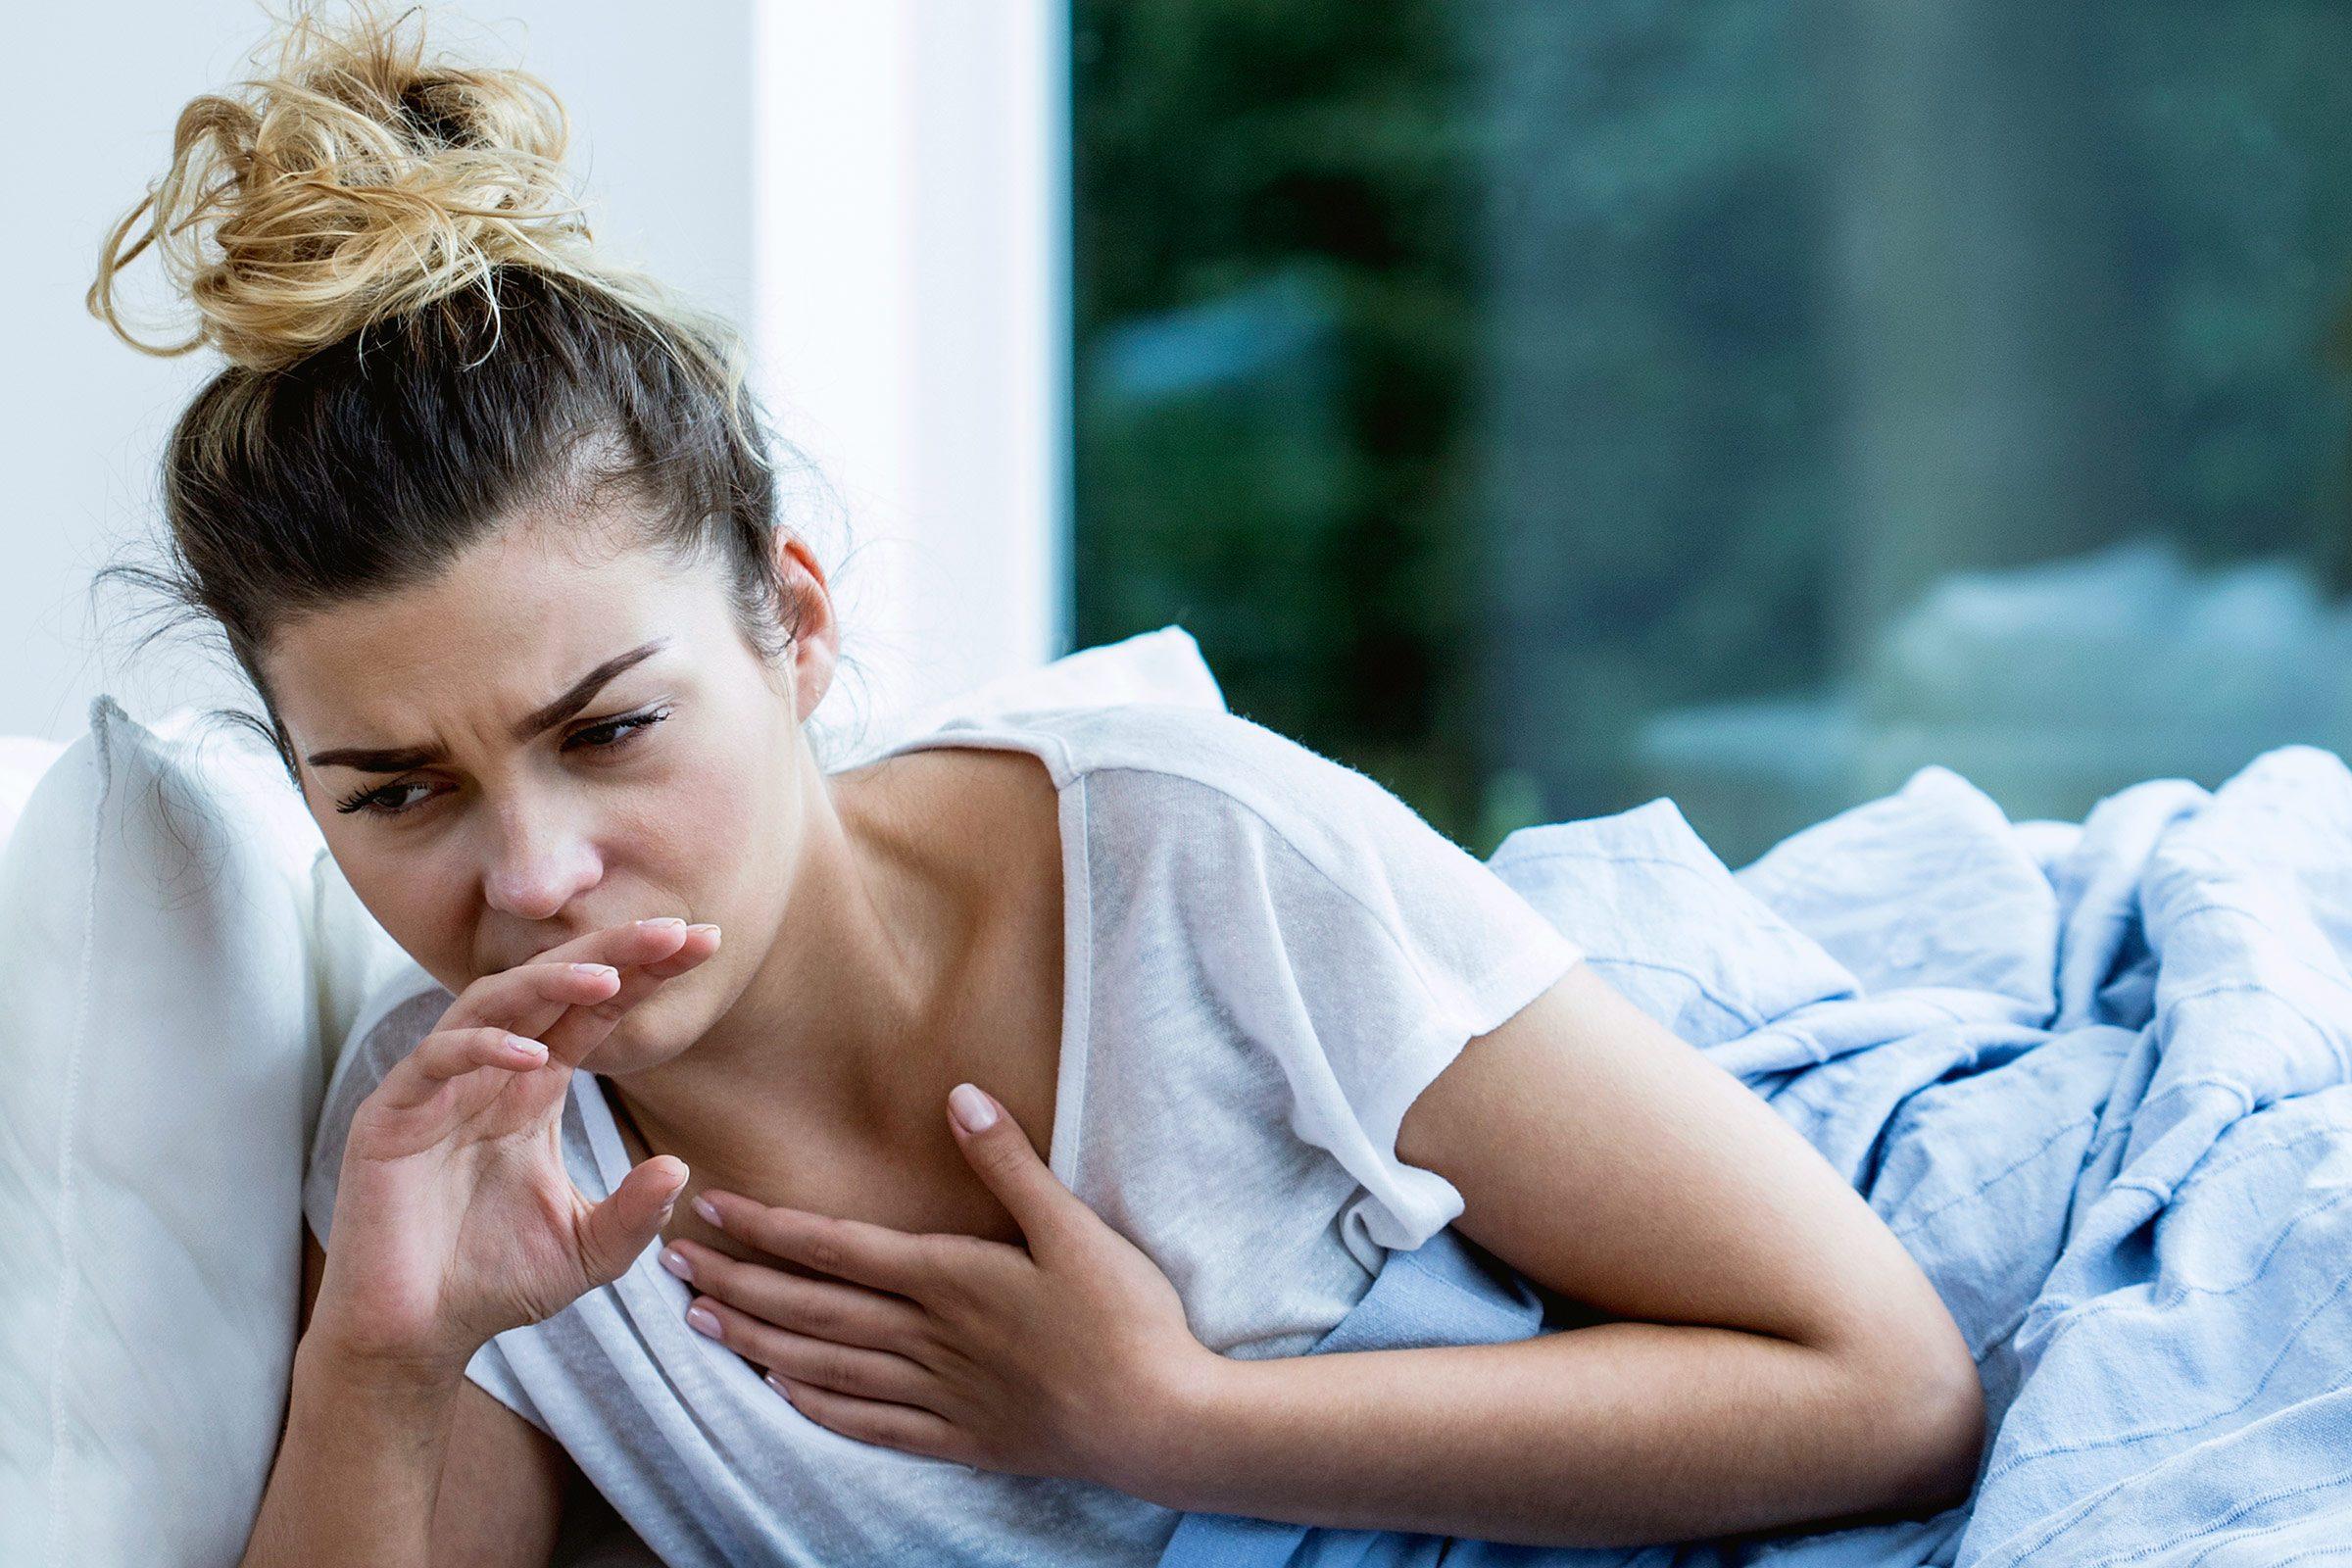 Des nausées peuvent être un symptôme de cancer des ovaires.